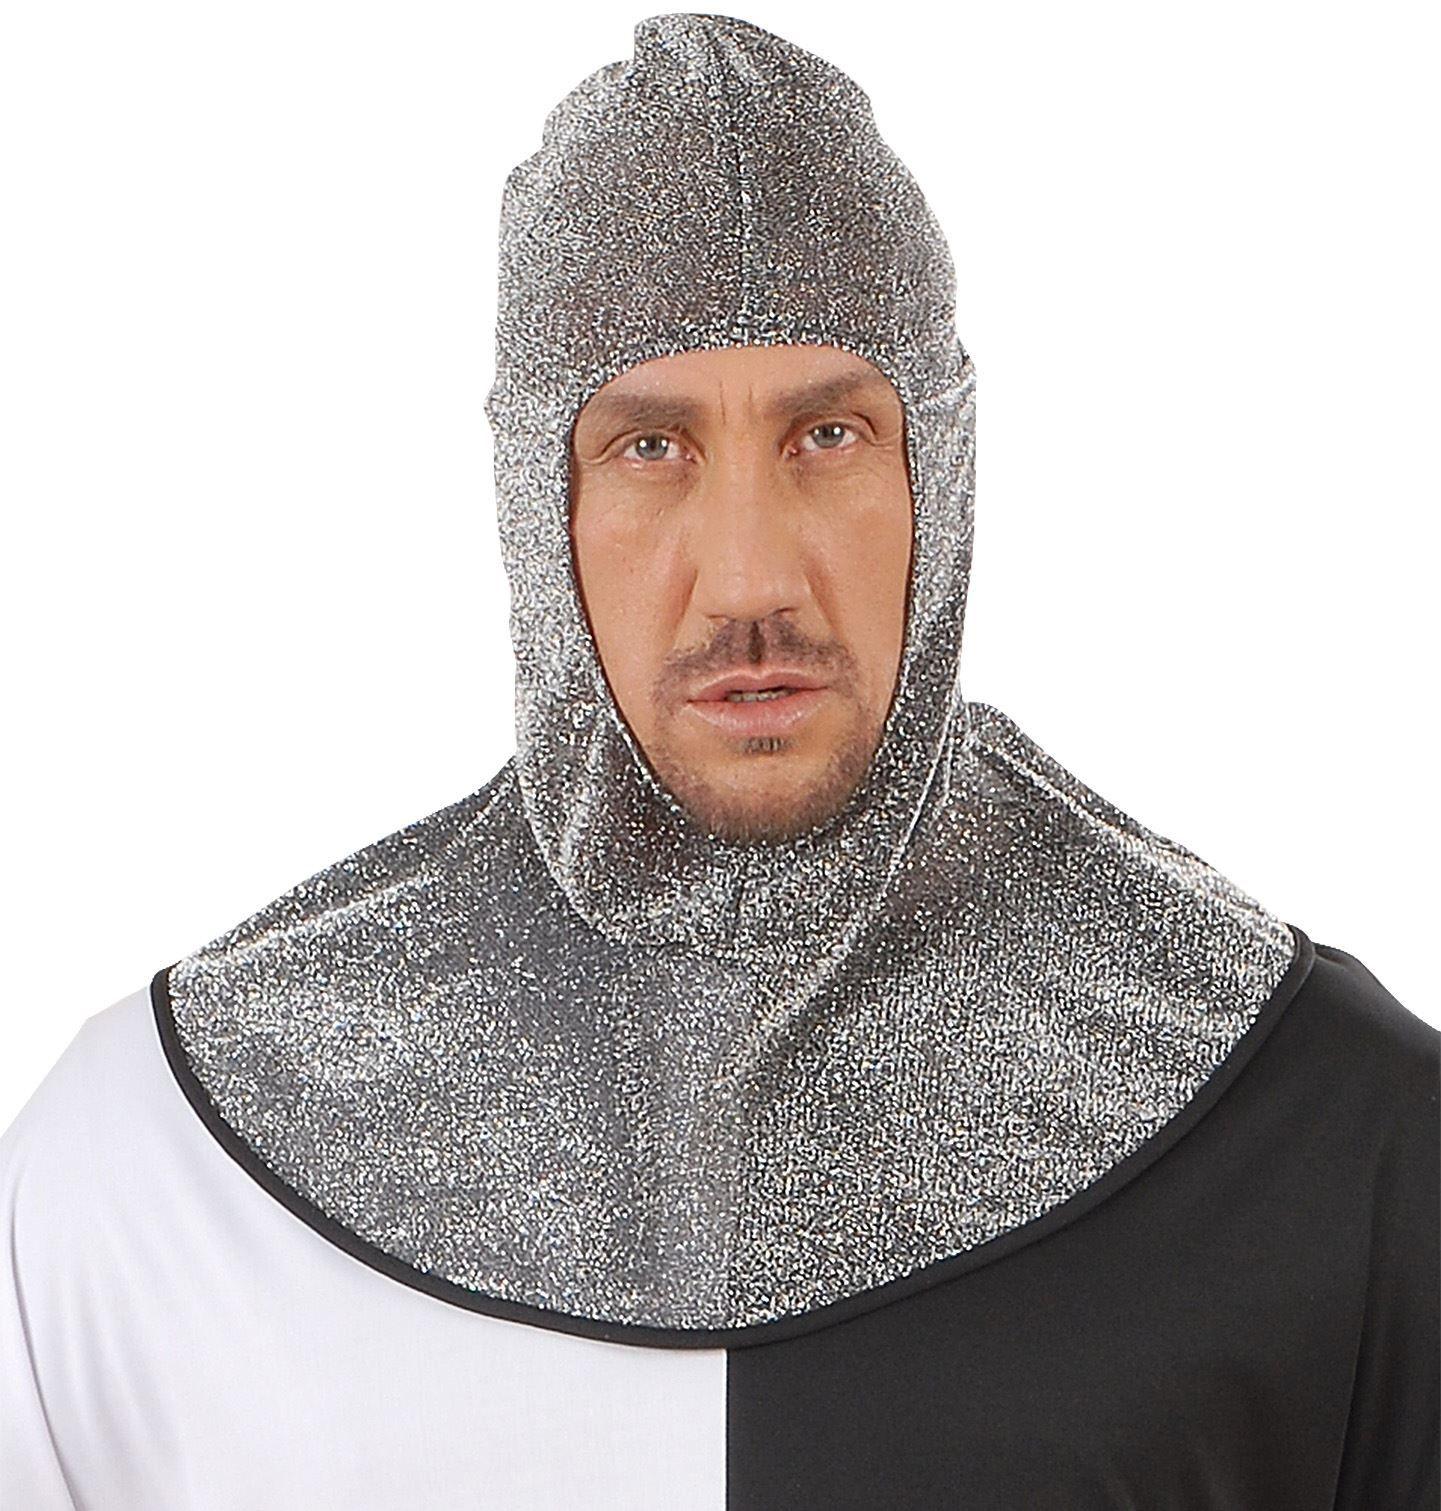 Romeinse krijger kap